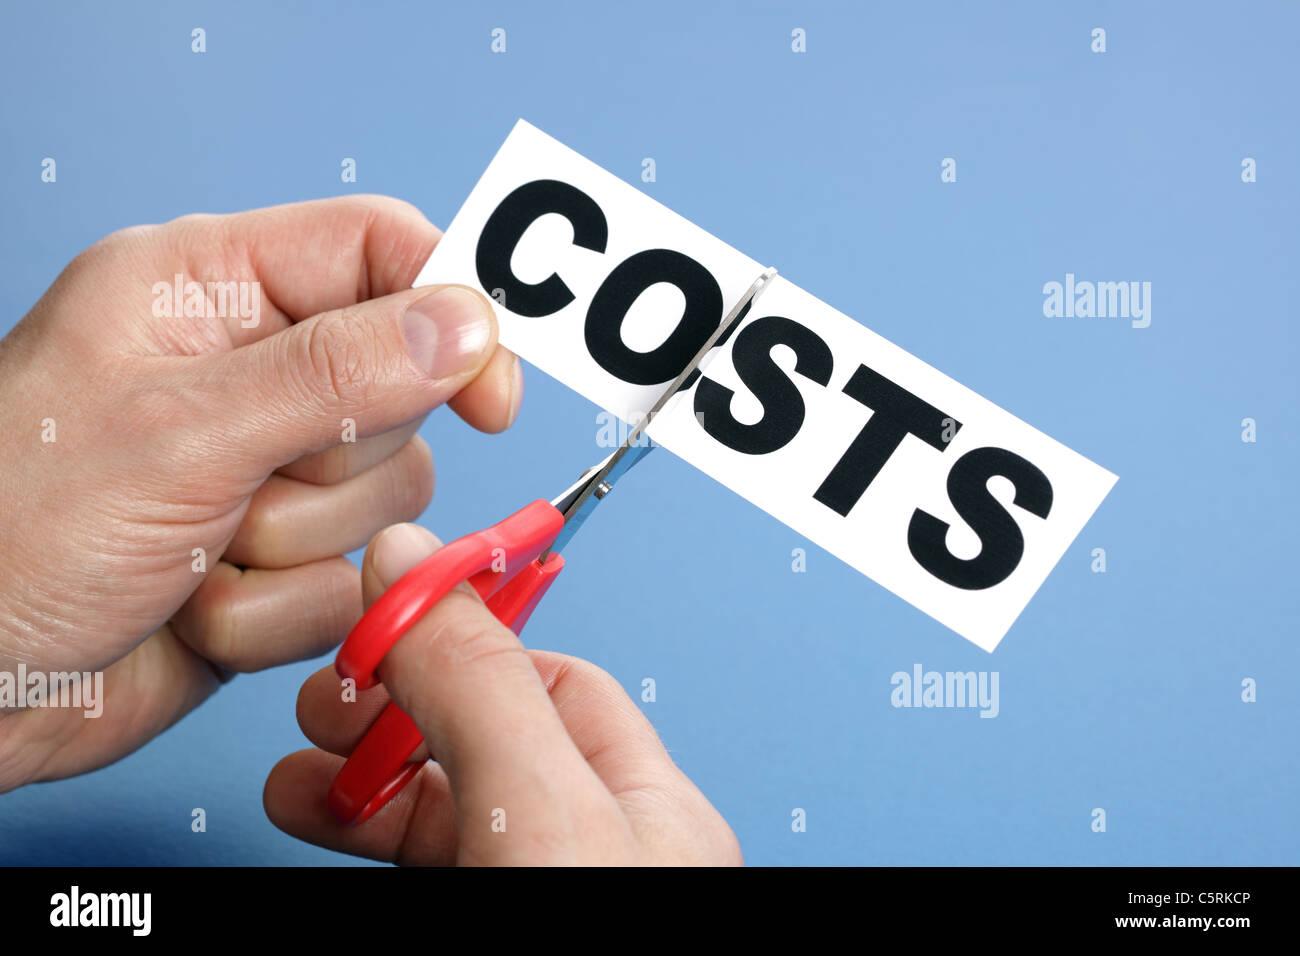 Taglio dei costi Immagini Stock